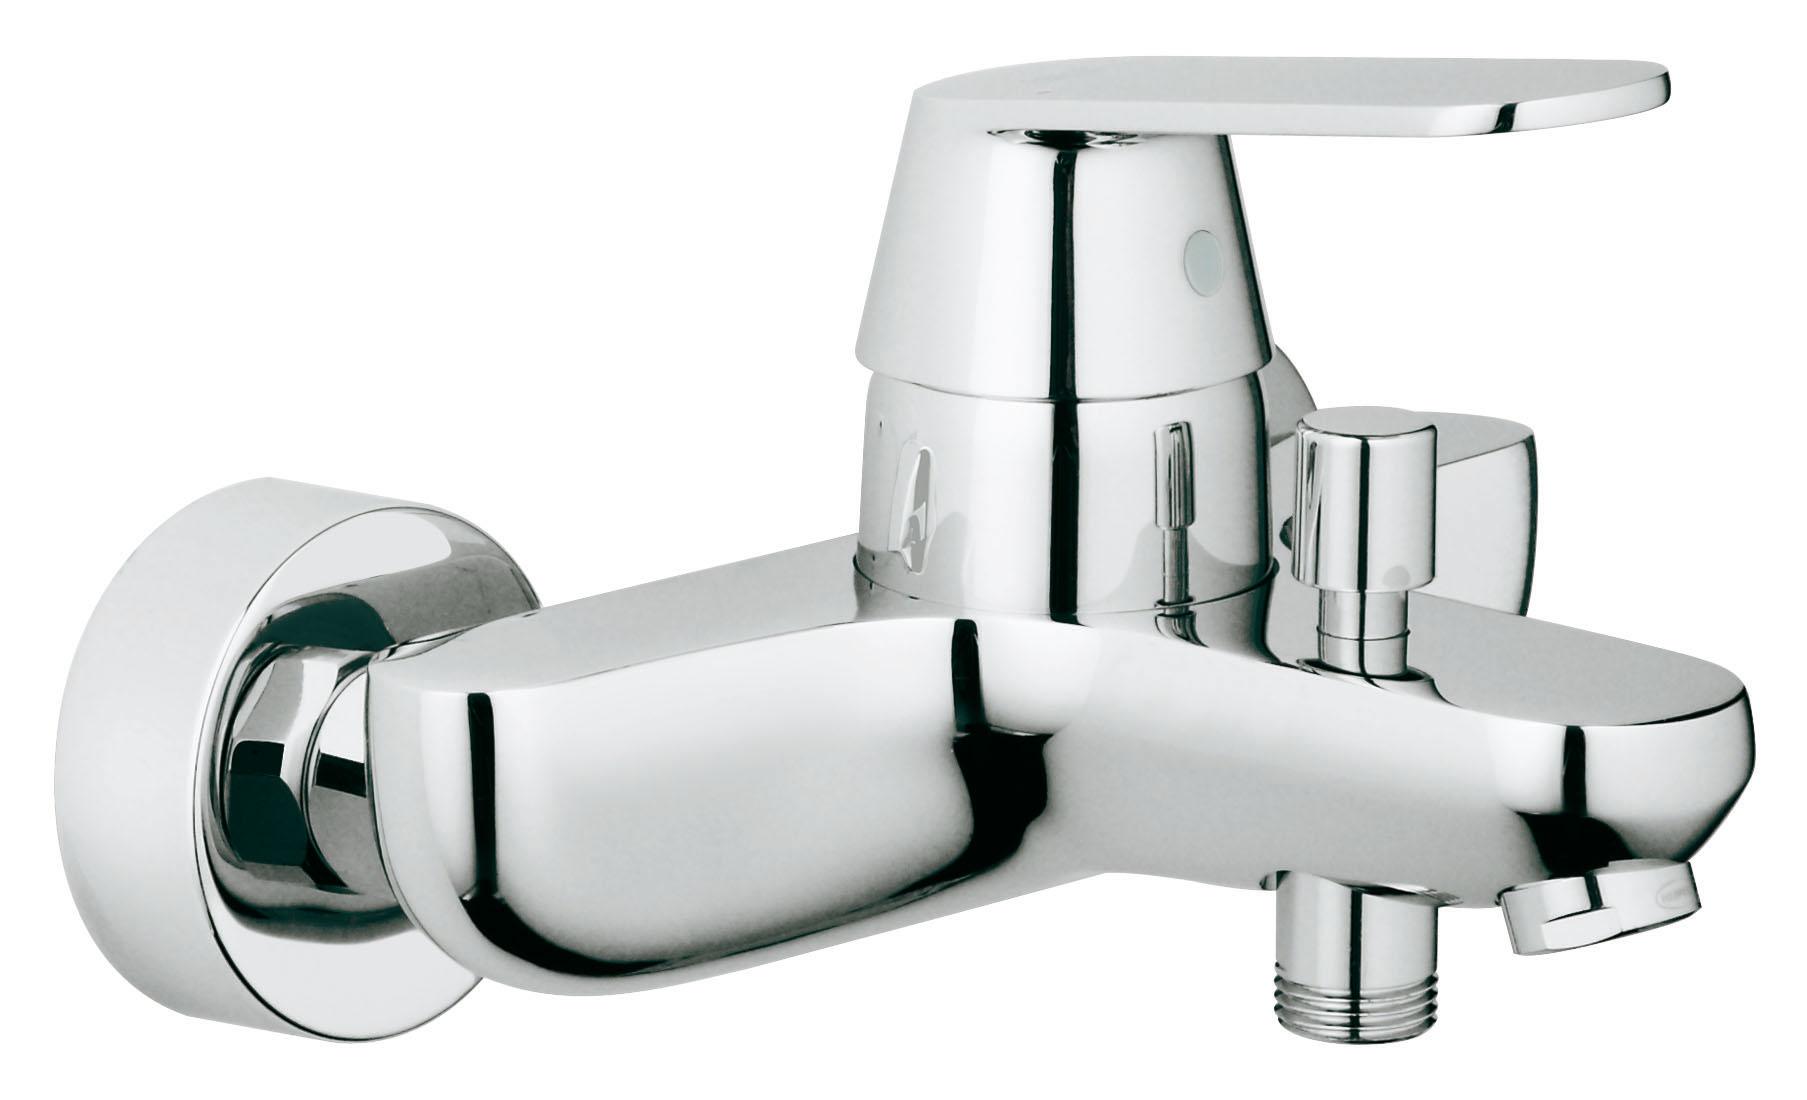 Смеситель для ванны GROHE Eurosmart Cosmopolitan (32831000)68/5/3Настенный монтаж Металлический рычаг GROHE SilkMove керамический картридж O 46 мм GROHE StarLight хромированная поверхностьРегулировка расхода воды Возможность установки мин. расхода 2,5 л/мин. Автоматический переключатель: ванна/душ Встроенный обратный клапан в душевом отводе 1/2? Аэратор Скрытые S-образные эксцентрики Дополнительный ограничитель температуры (46 308 000) С защитой от обратного потока Класс шума I по DIN 4109 Видео по установке является исключительно информационным. Установка должна проводиться профессионалами! Характеристики:Материал: металл. Цвет: хром. Количество монтажных отверстий: 2. Размер упаковки: 20 см x 18 см x 16 см. Артикул: 32831000.